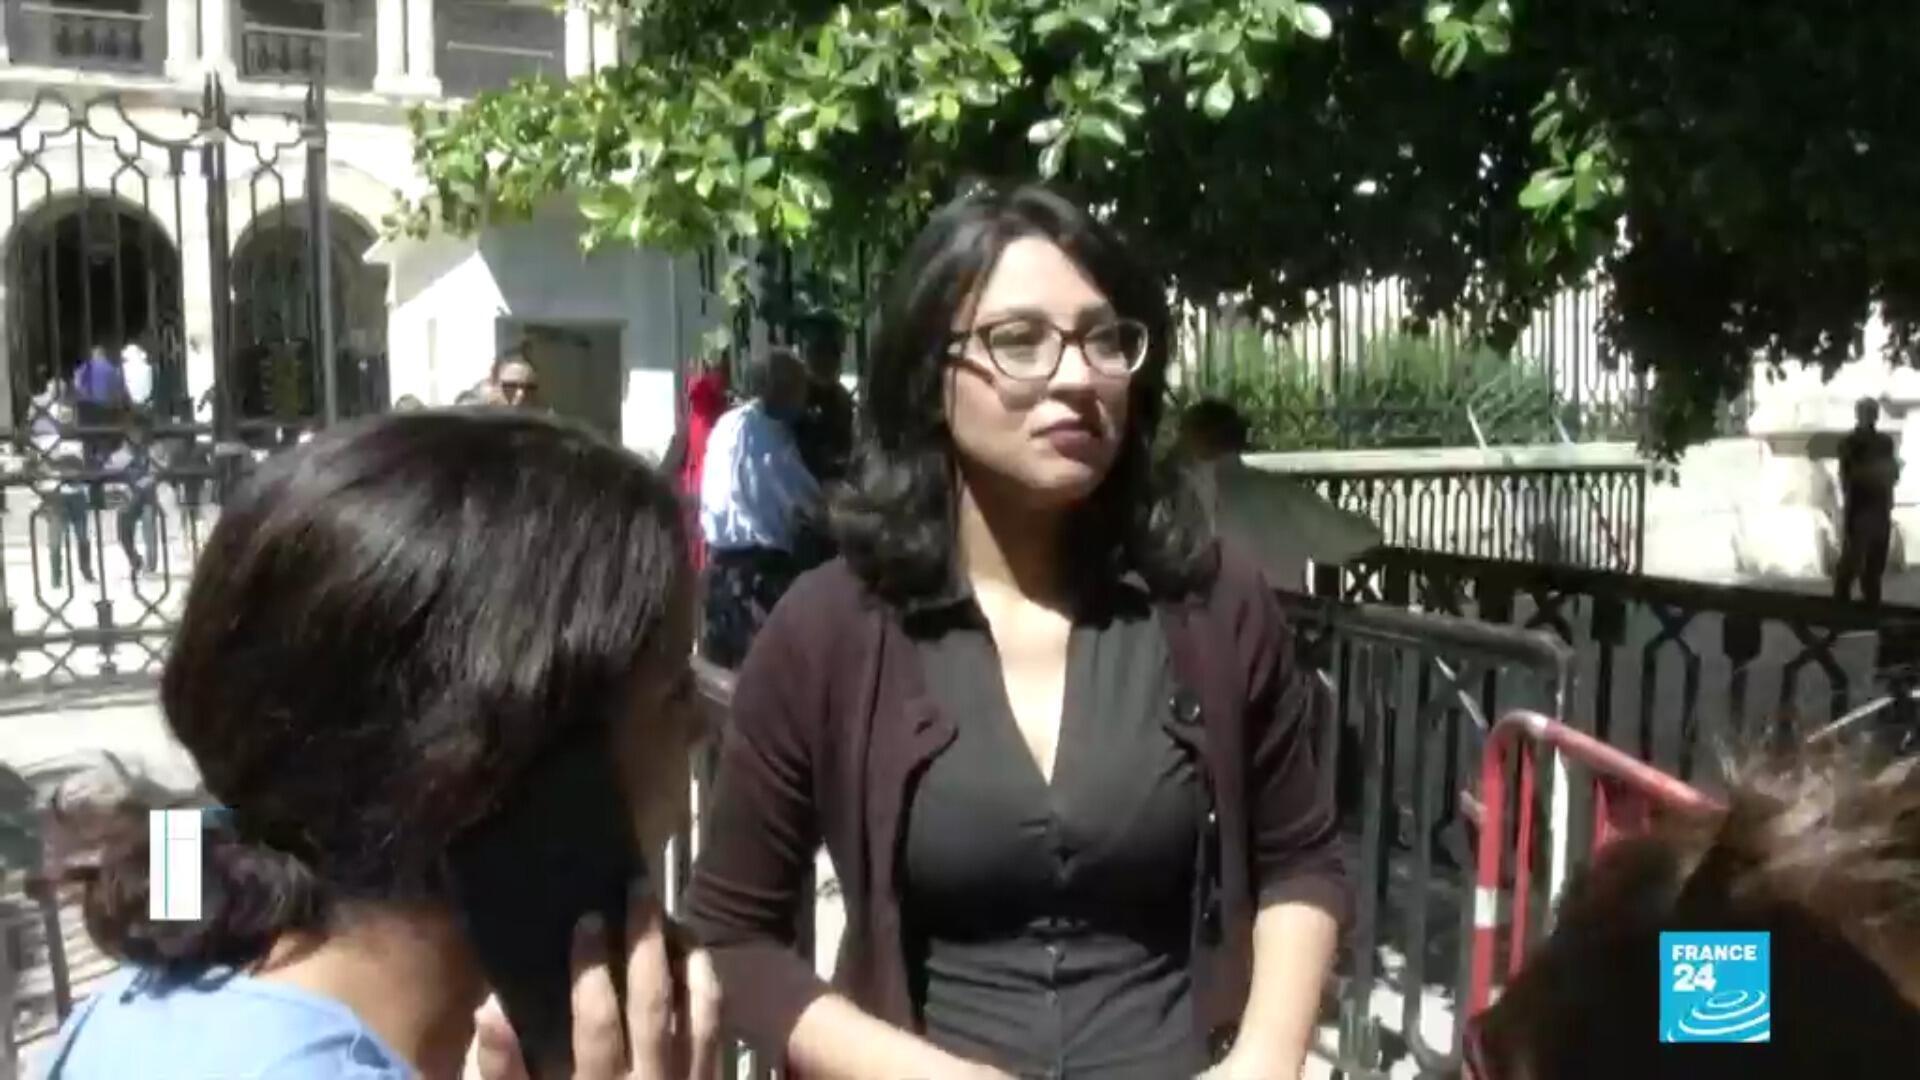 La blogueuse tunisienne Emna Chargui est jugée à Tunis, le 2 juillet 2020, pour avoir relayé un texte détournant une sourate du Coran pour faire de la prévention anti coronovirus.